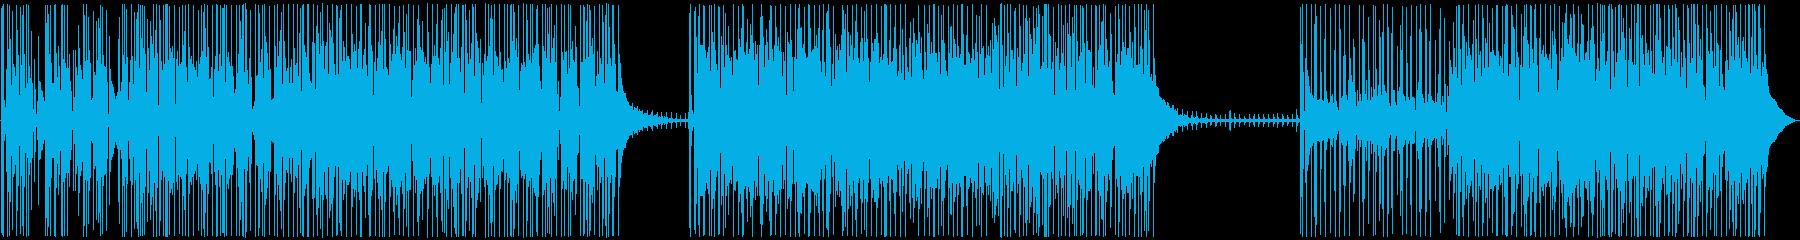 ファンク。融合。クラビネットの再生済みの波形